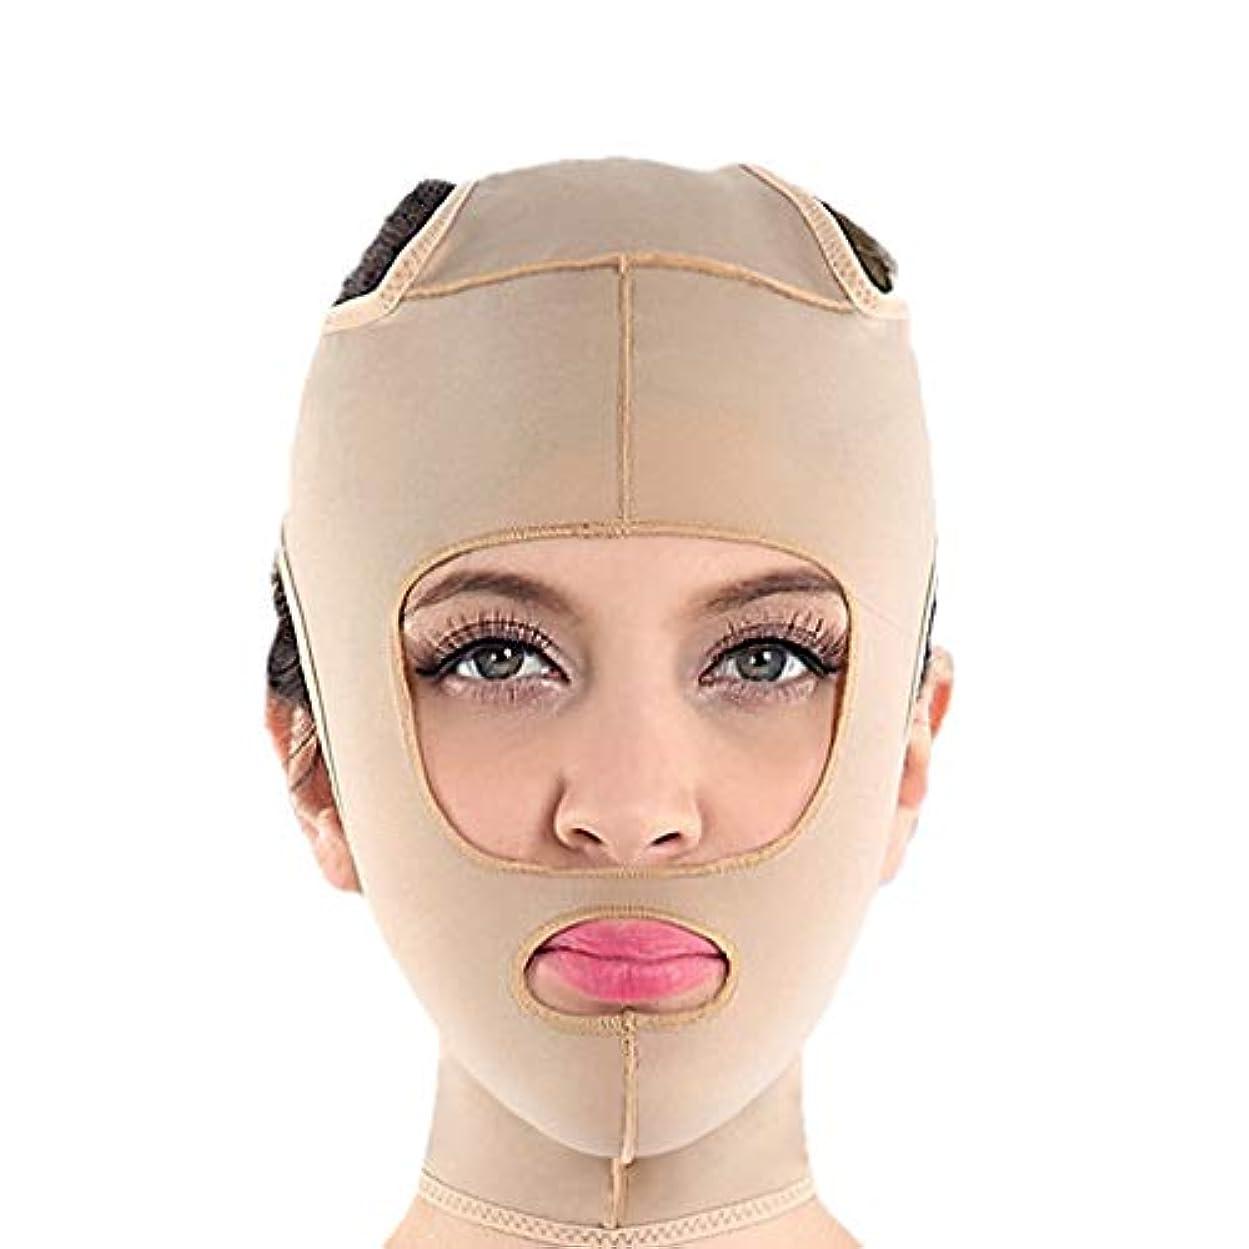 ぼかし食品マニフェストXHLMRMJ フェイスリフティング、ダブルチンストラップ、フェイシャル減量マスク、ダブルチンを減らすリフティングヌードル、ファーミングフェイス、パワフルリフティングマスク (Size : L)